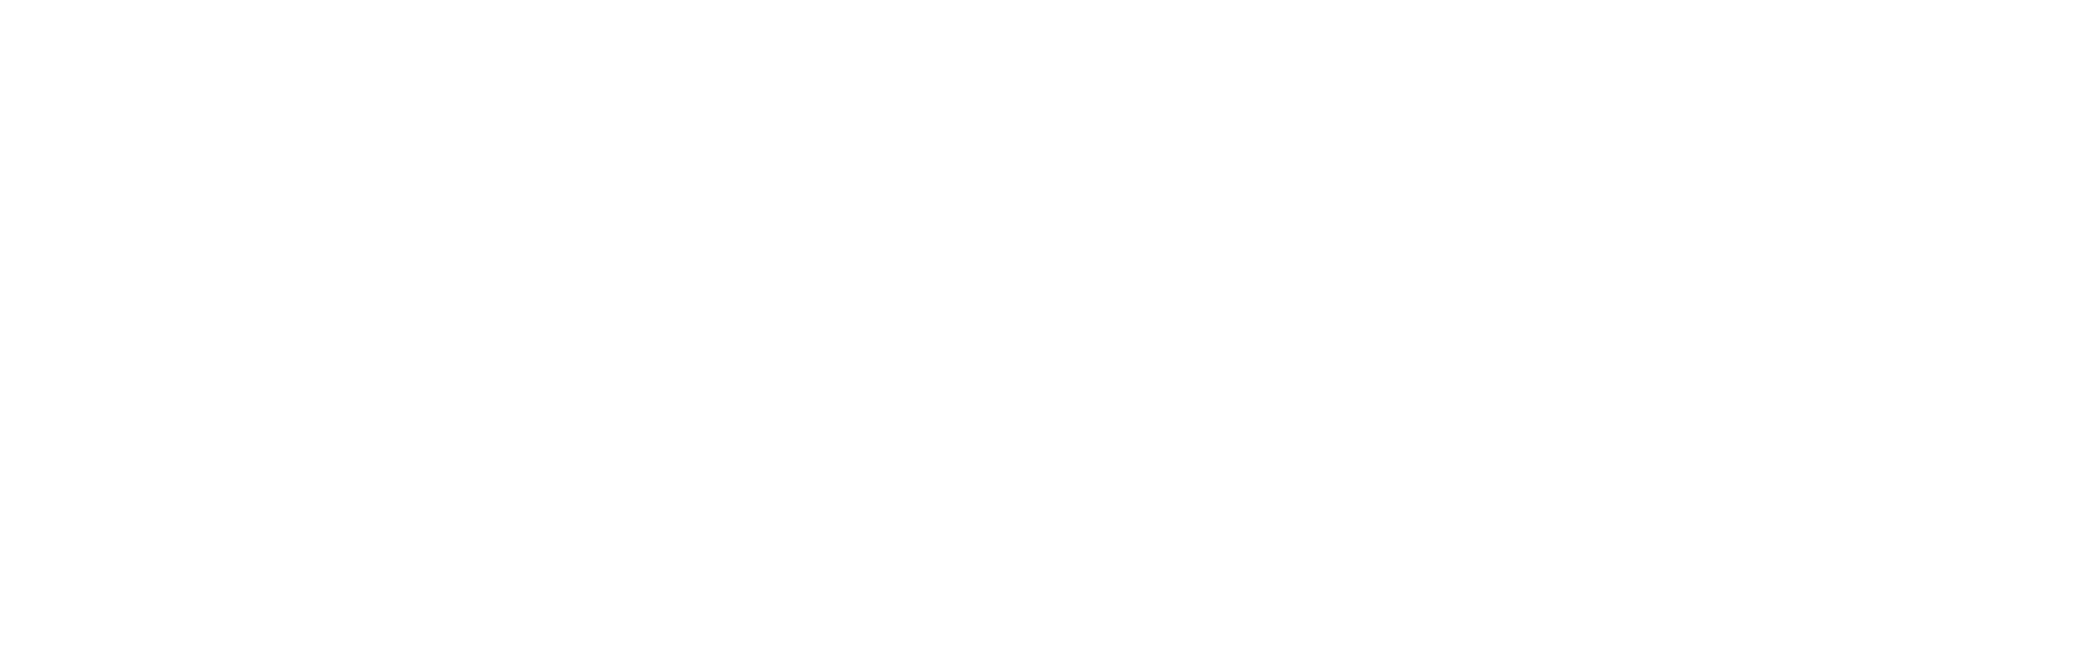 FinalConveyanceLogo2018_White_CMYK